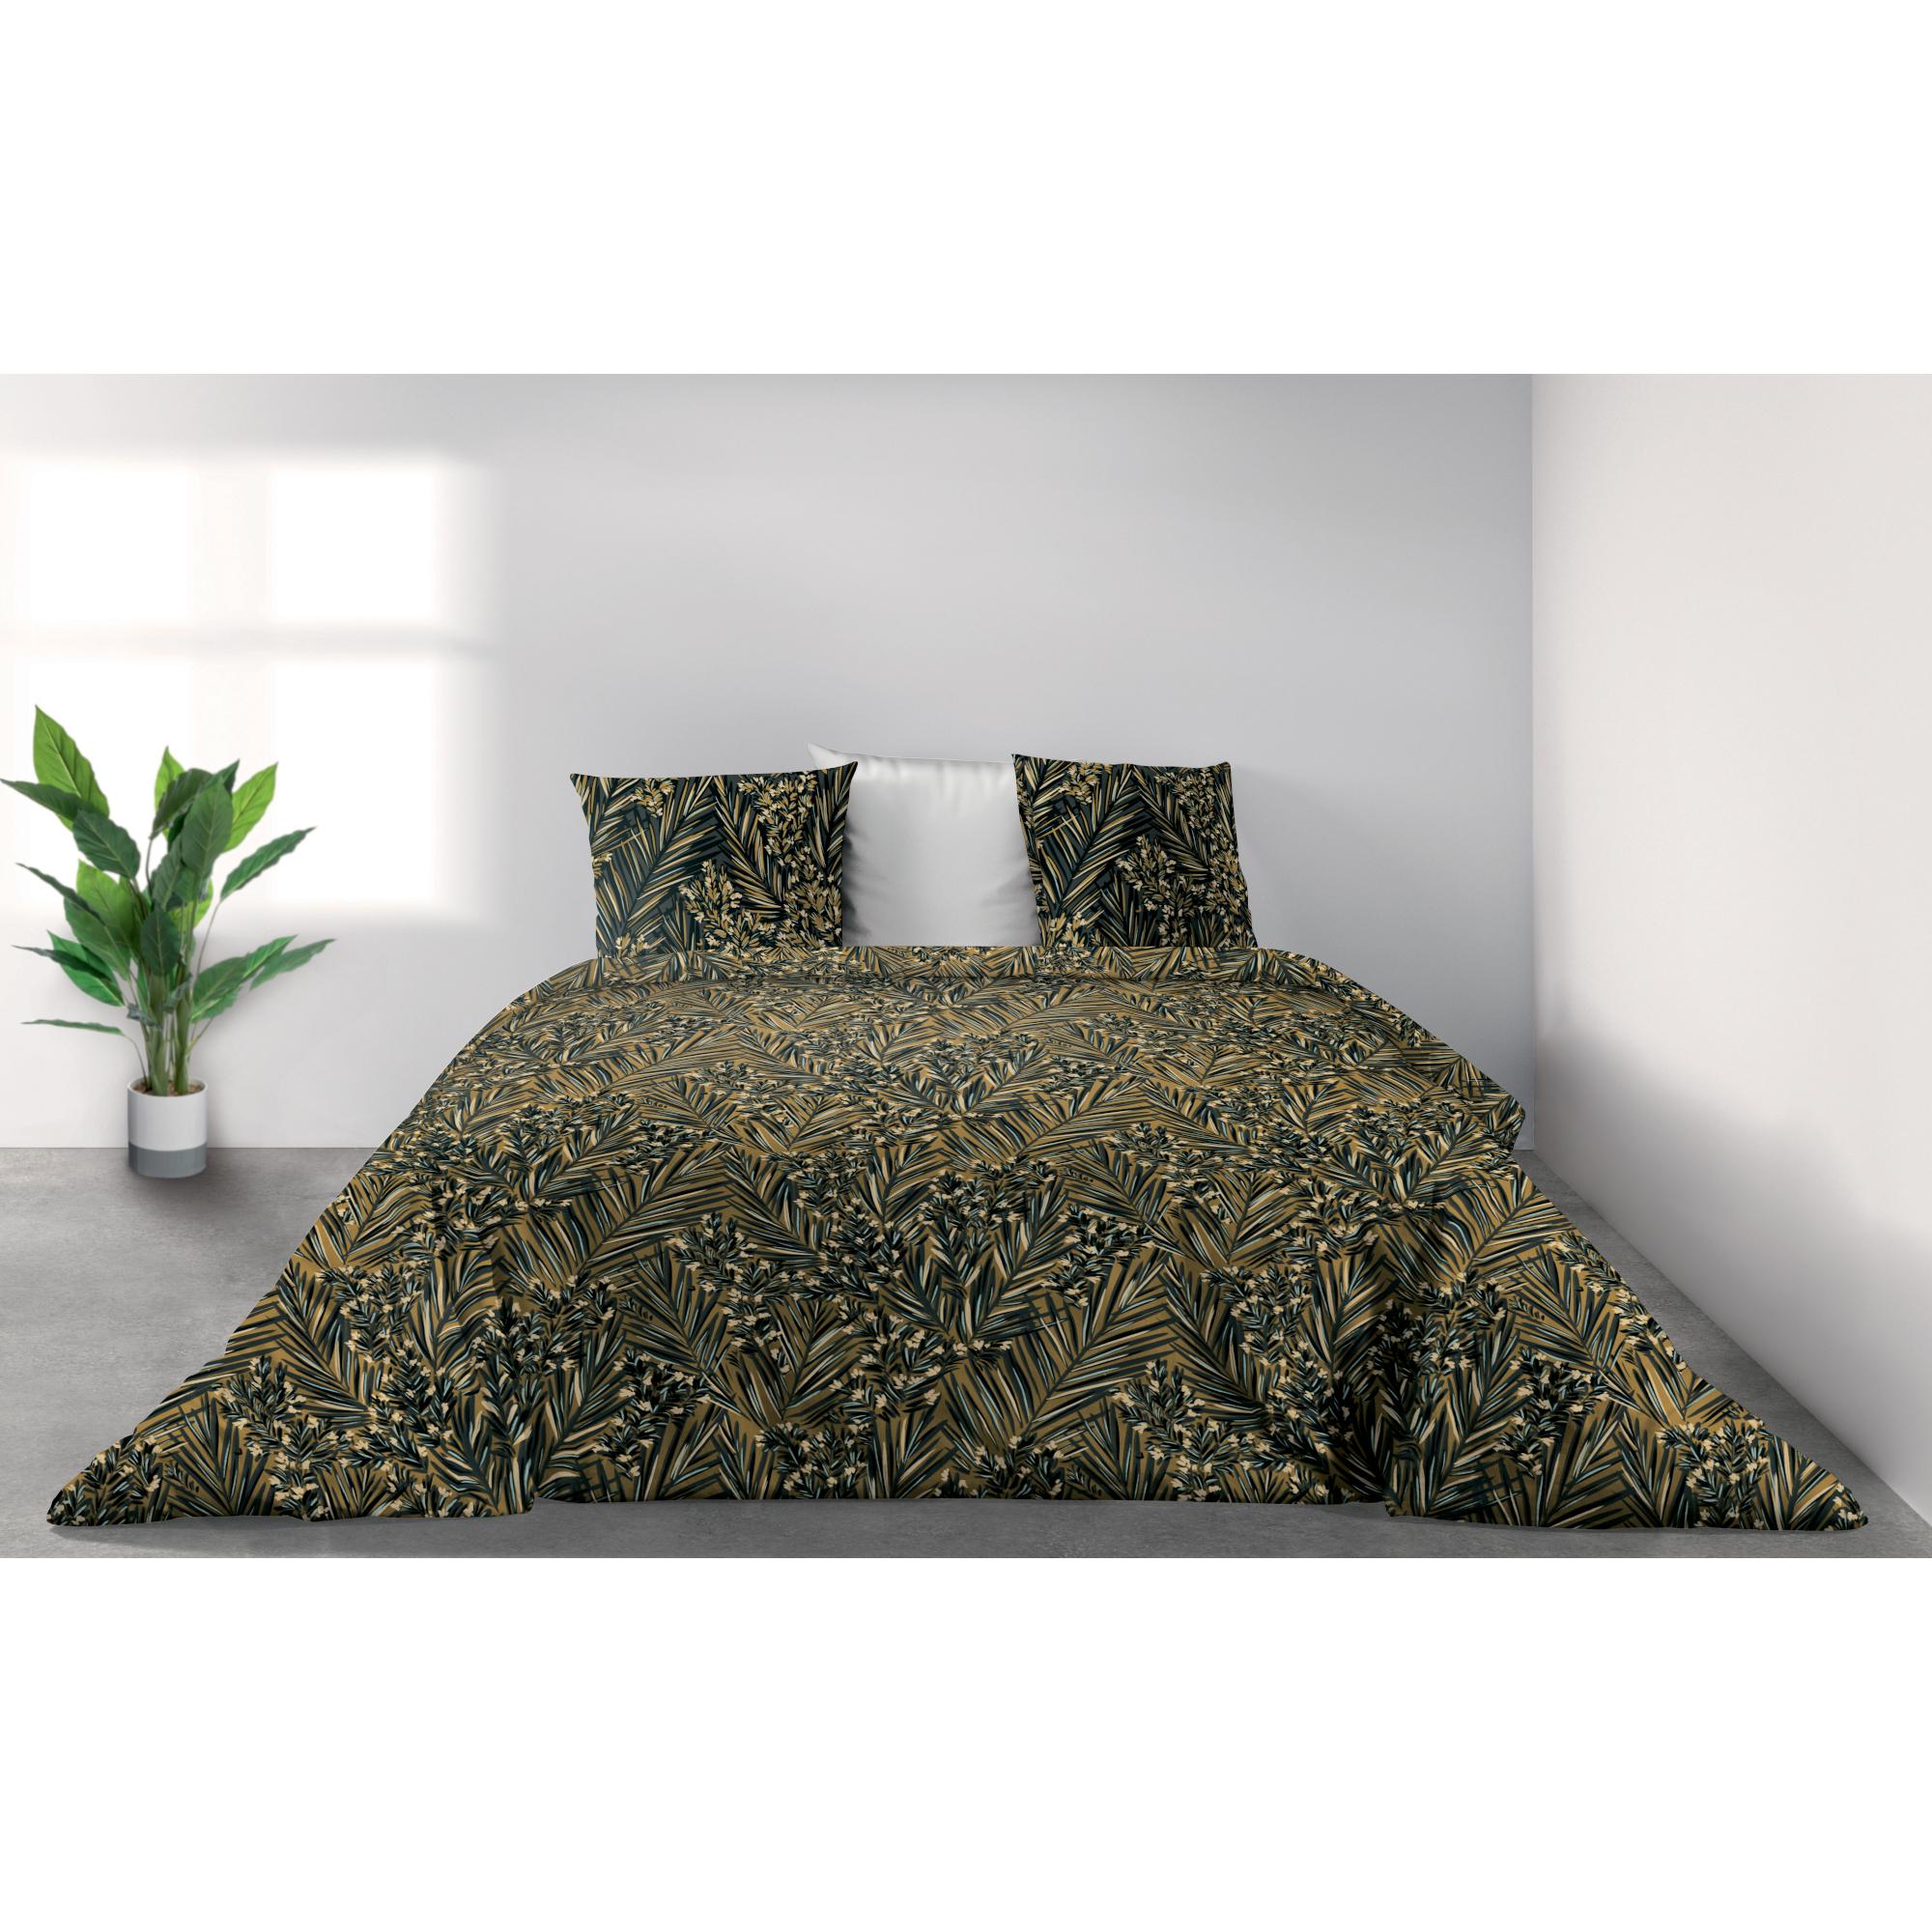 Parure de lit Bio 2 personnes Nava avec housse de couette et taies d'oreiller Imprimé 260 x 240